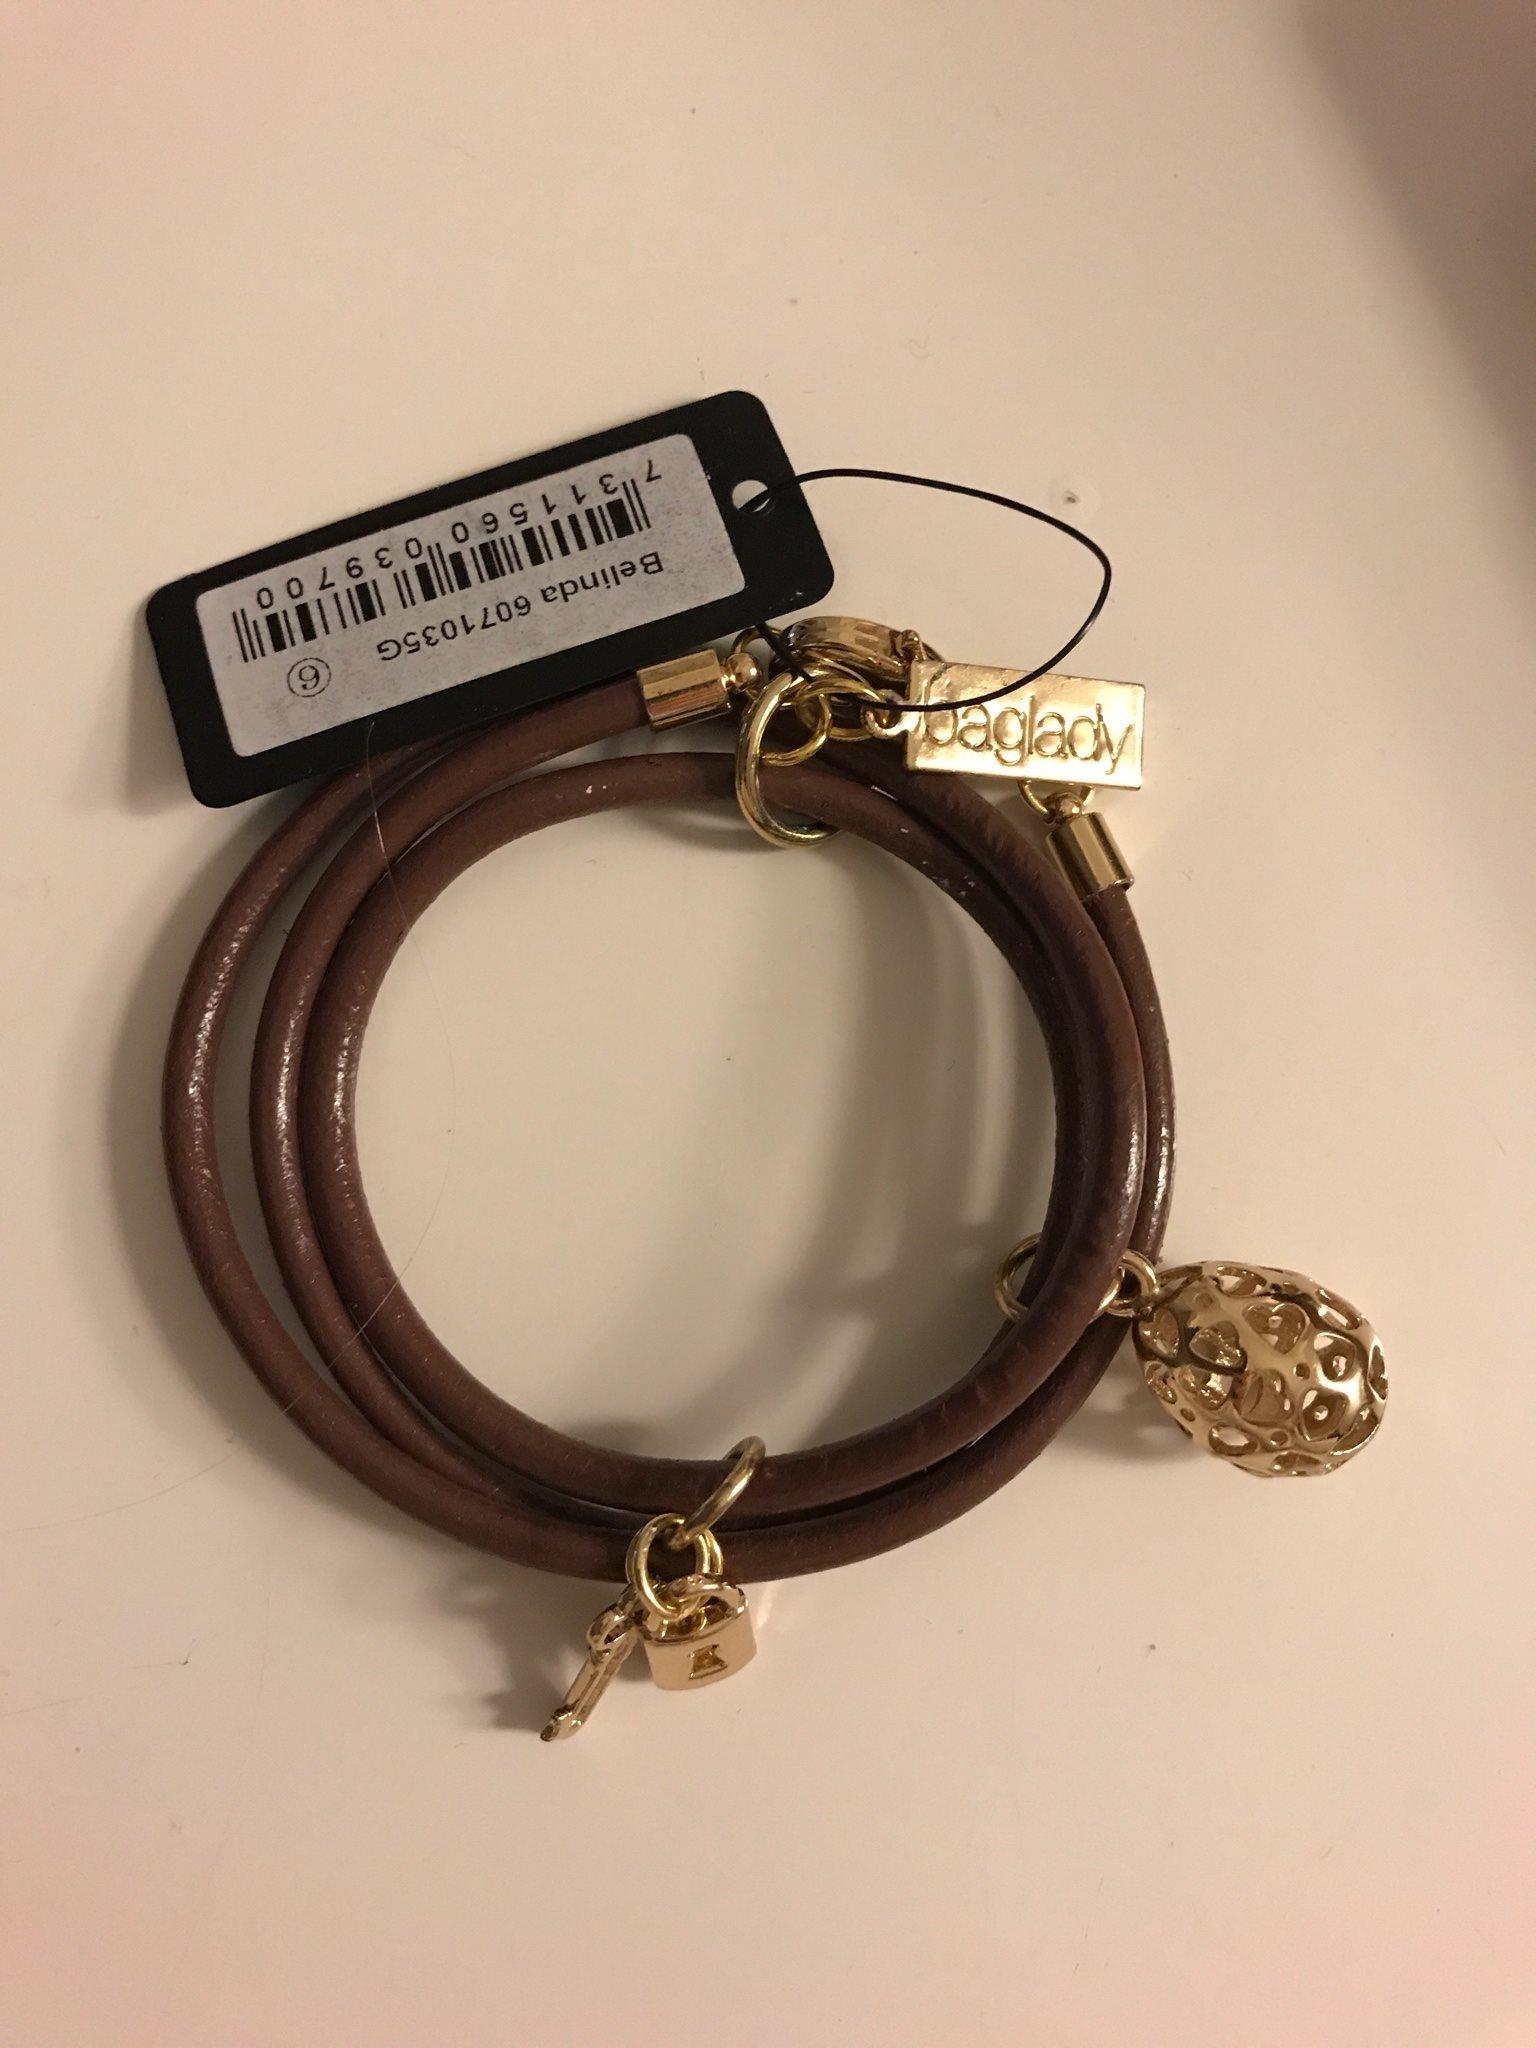 brun baglady armband med hängsmycken på tradera - Övriga armband |